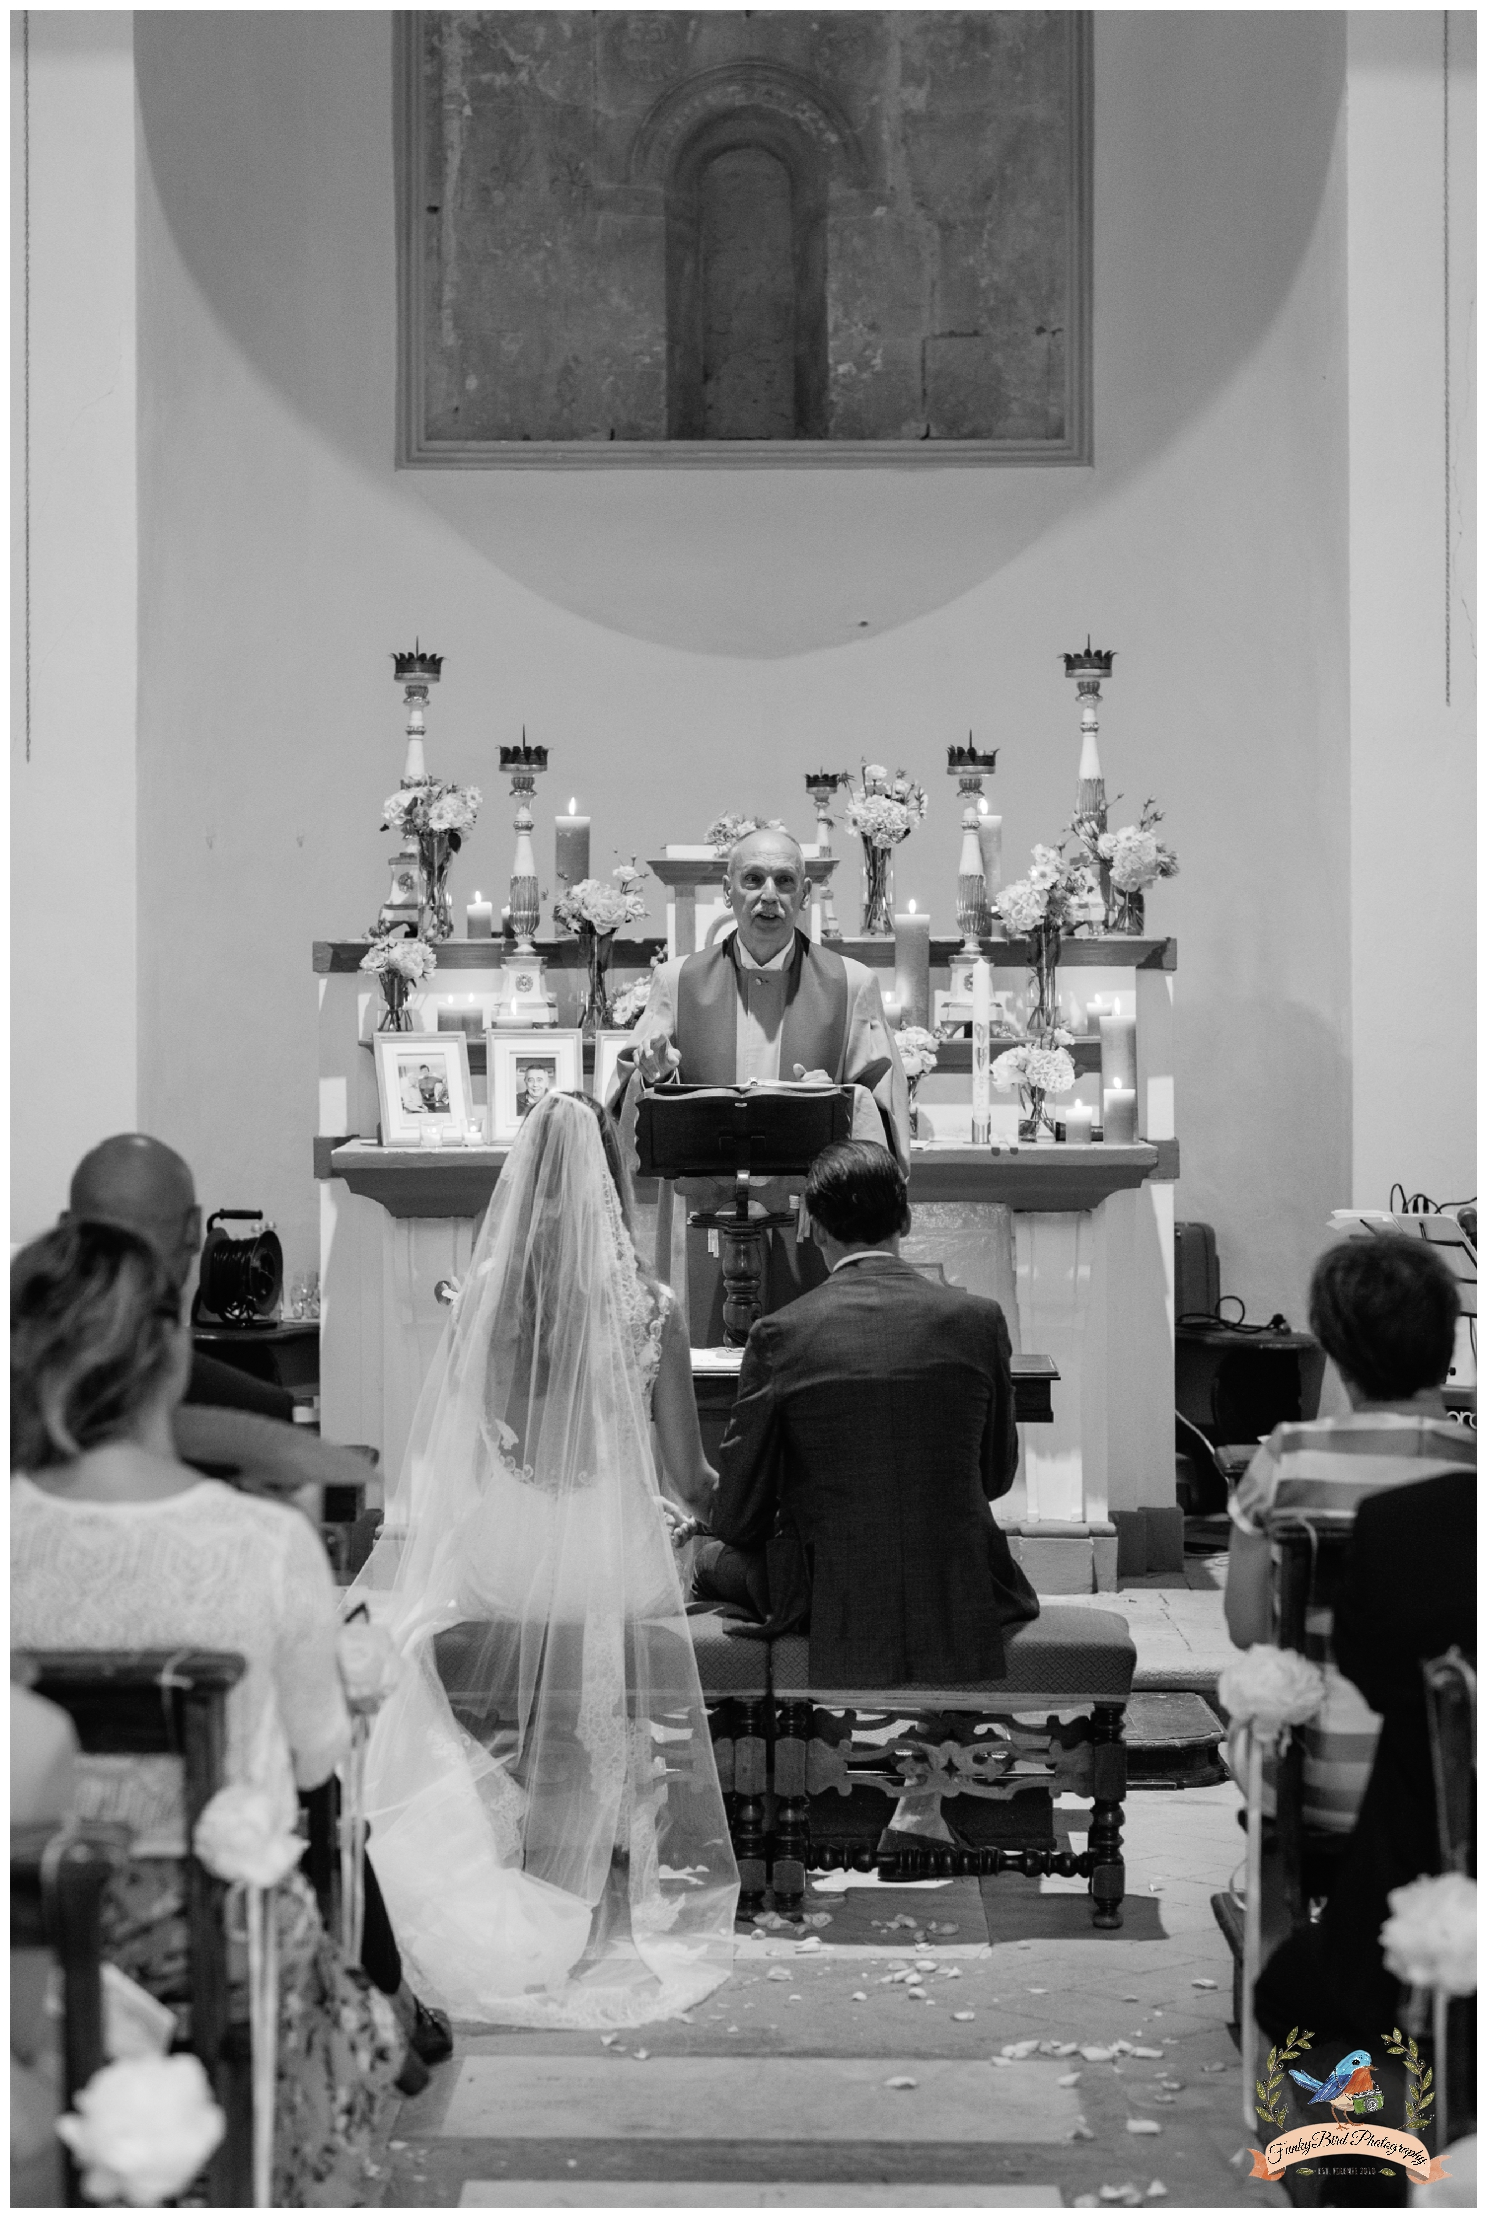 Wedding_Photographer_Tuscany_Florence_Italy_30.jpg